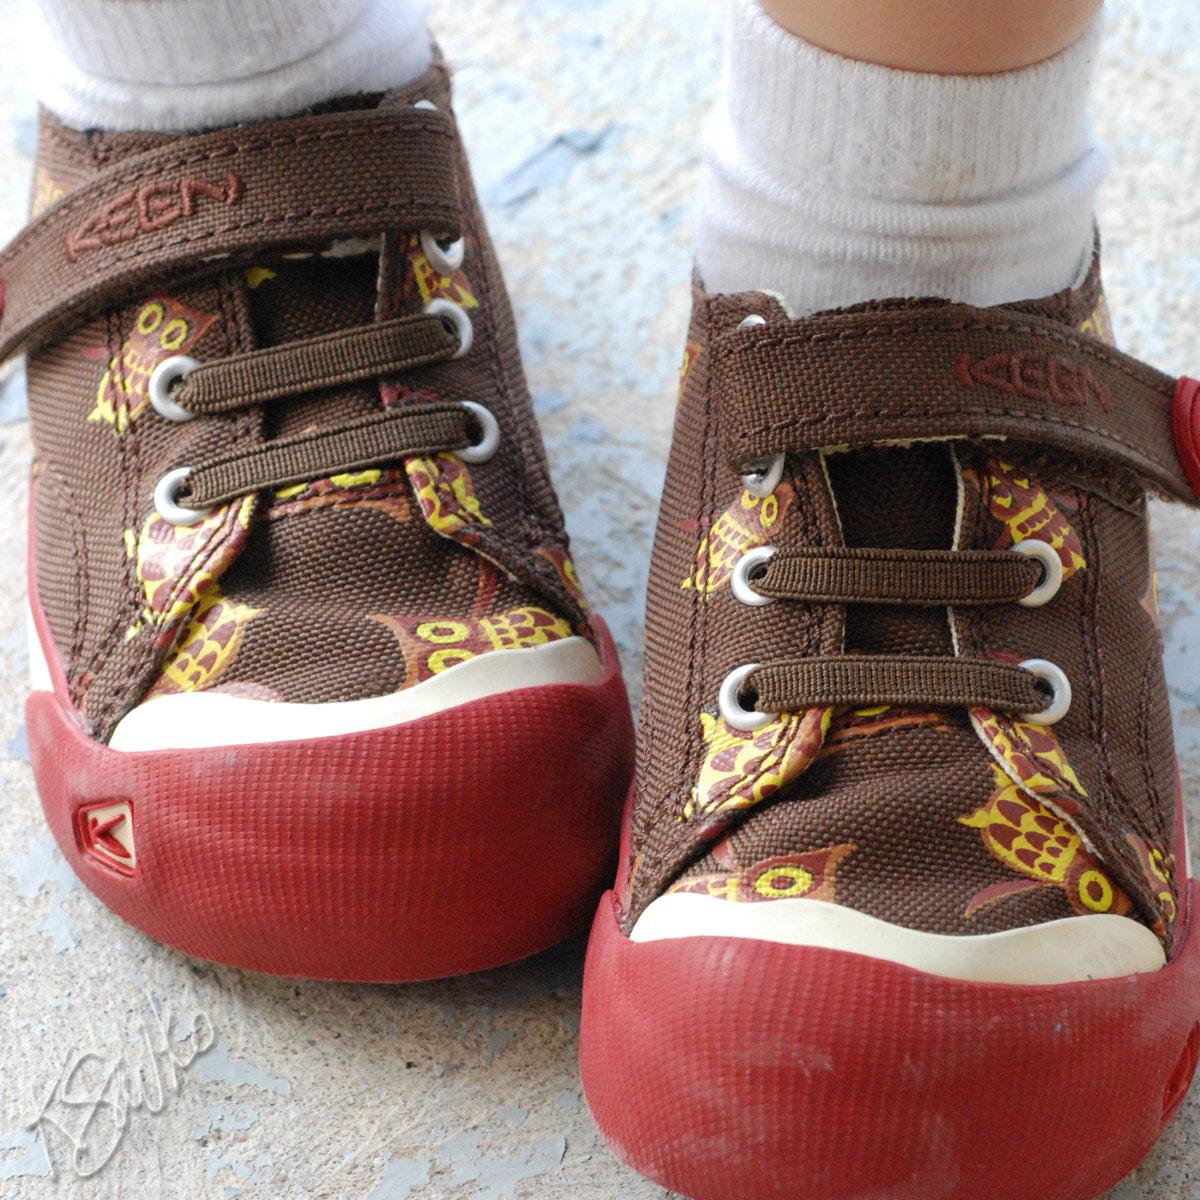 savko_new-shoes.jpg